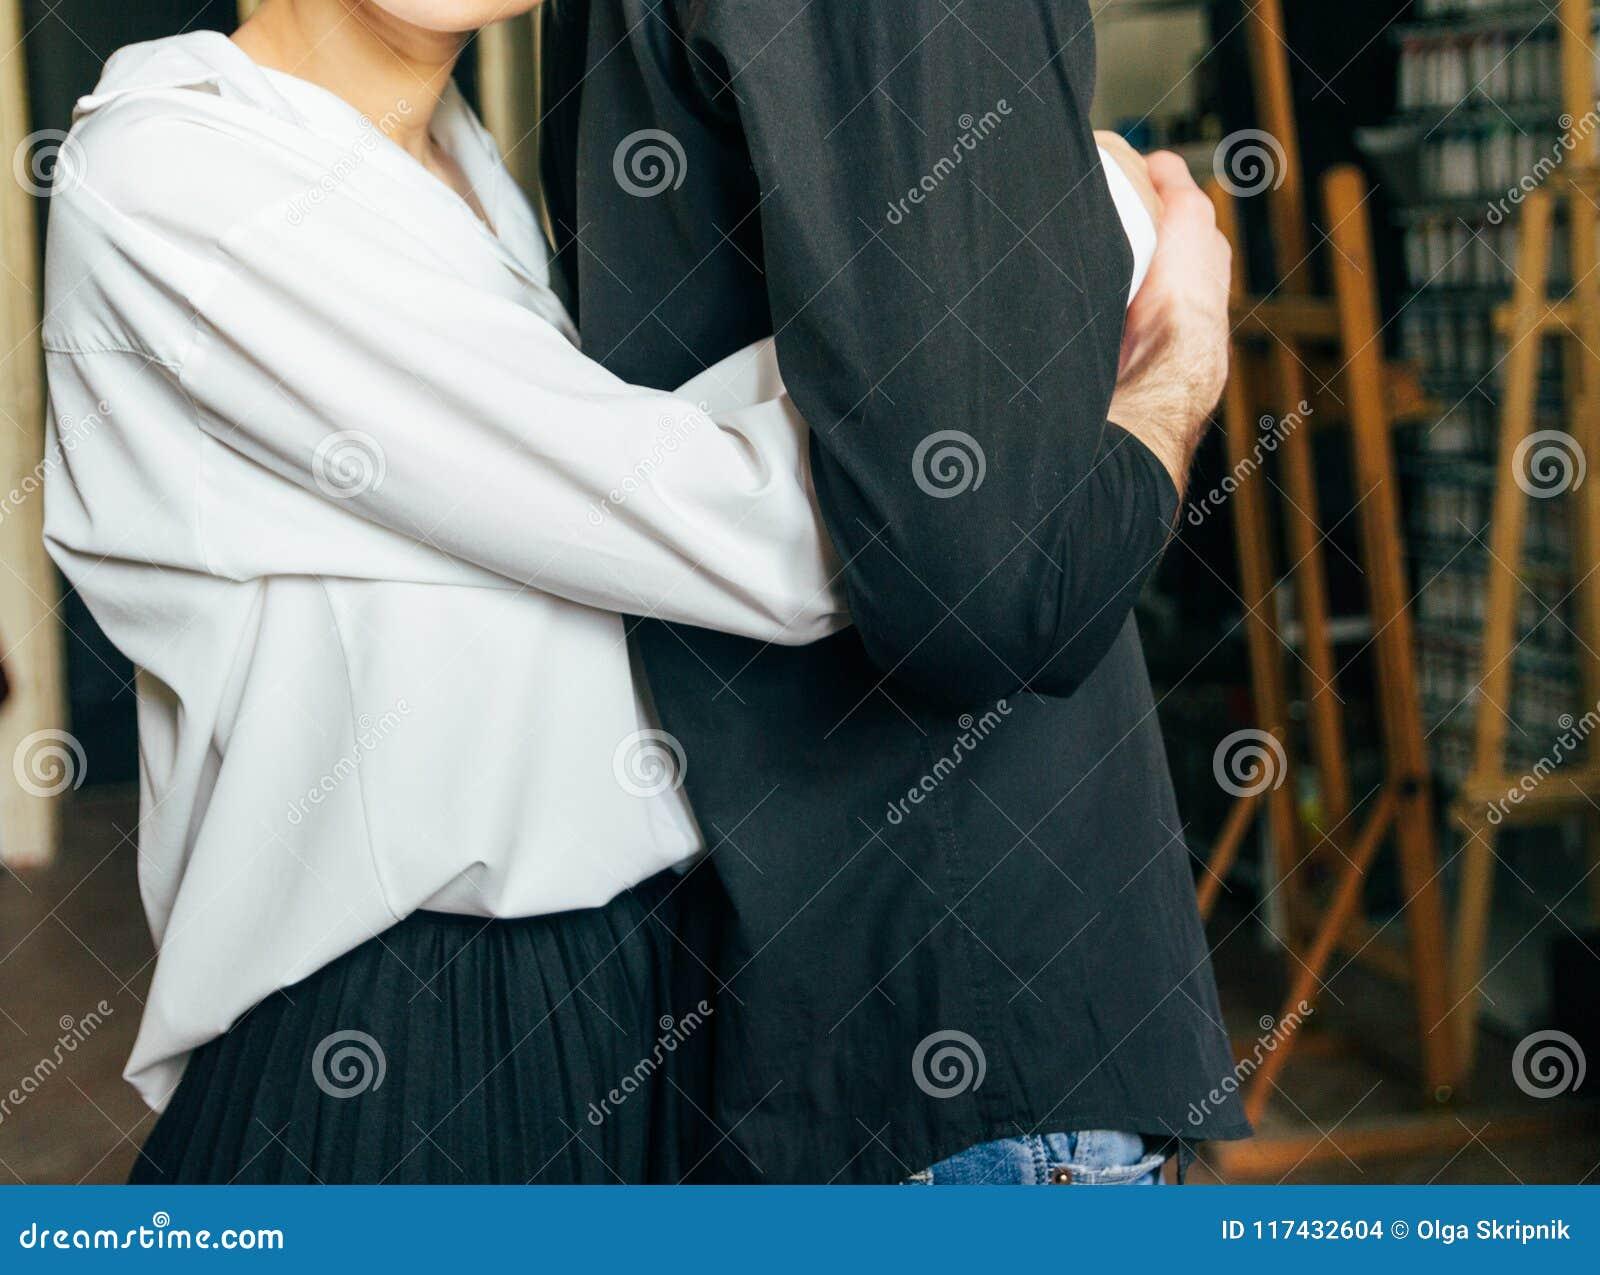 Irmãs que prendem as mãos Os amantes acoplam guardar as mãos em uma sala Em conjunto hug